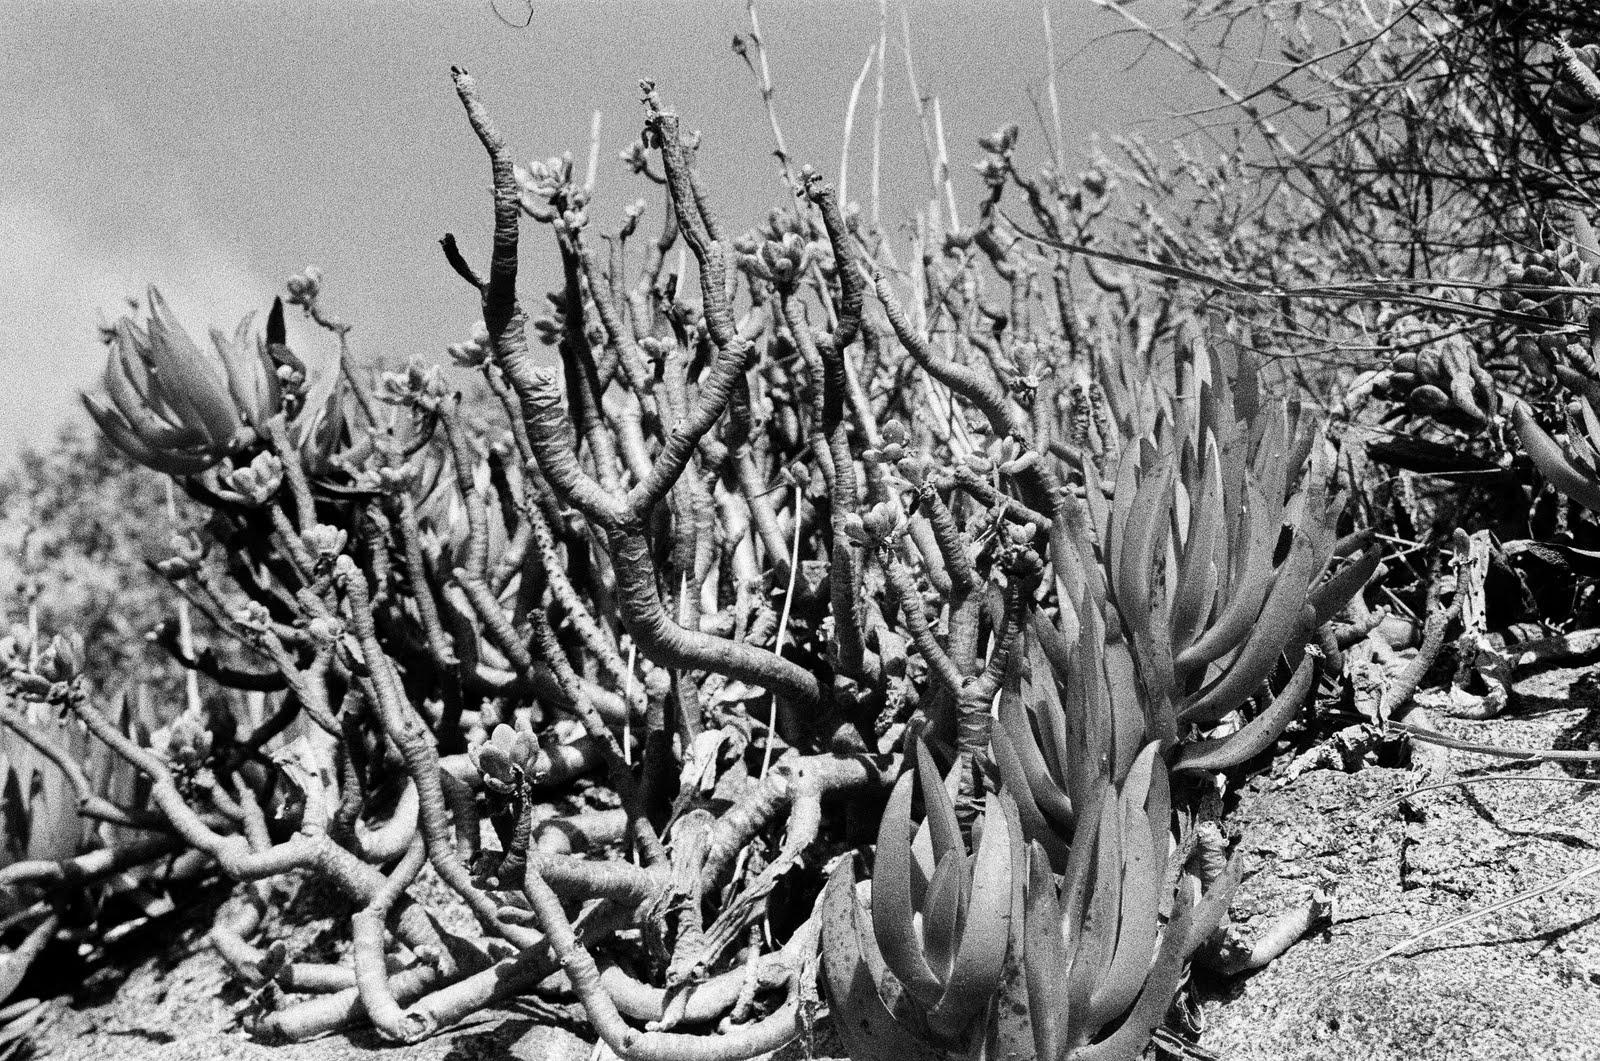 Jungle Nausea Untitled